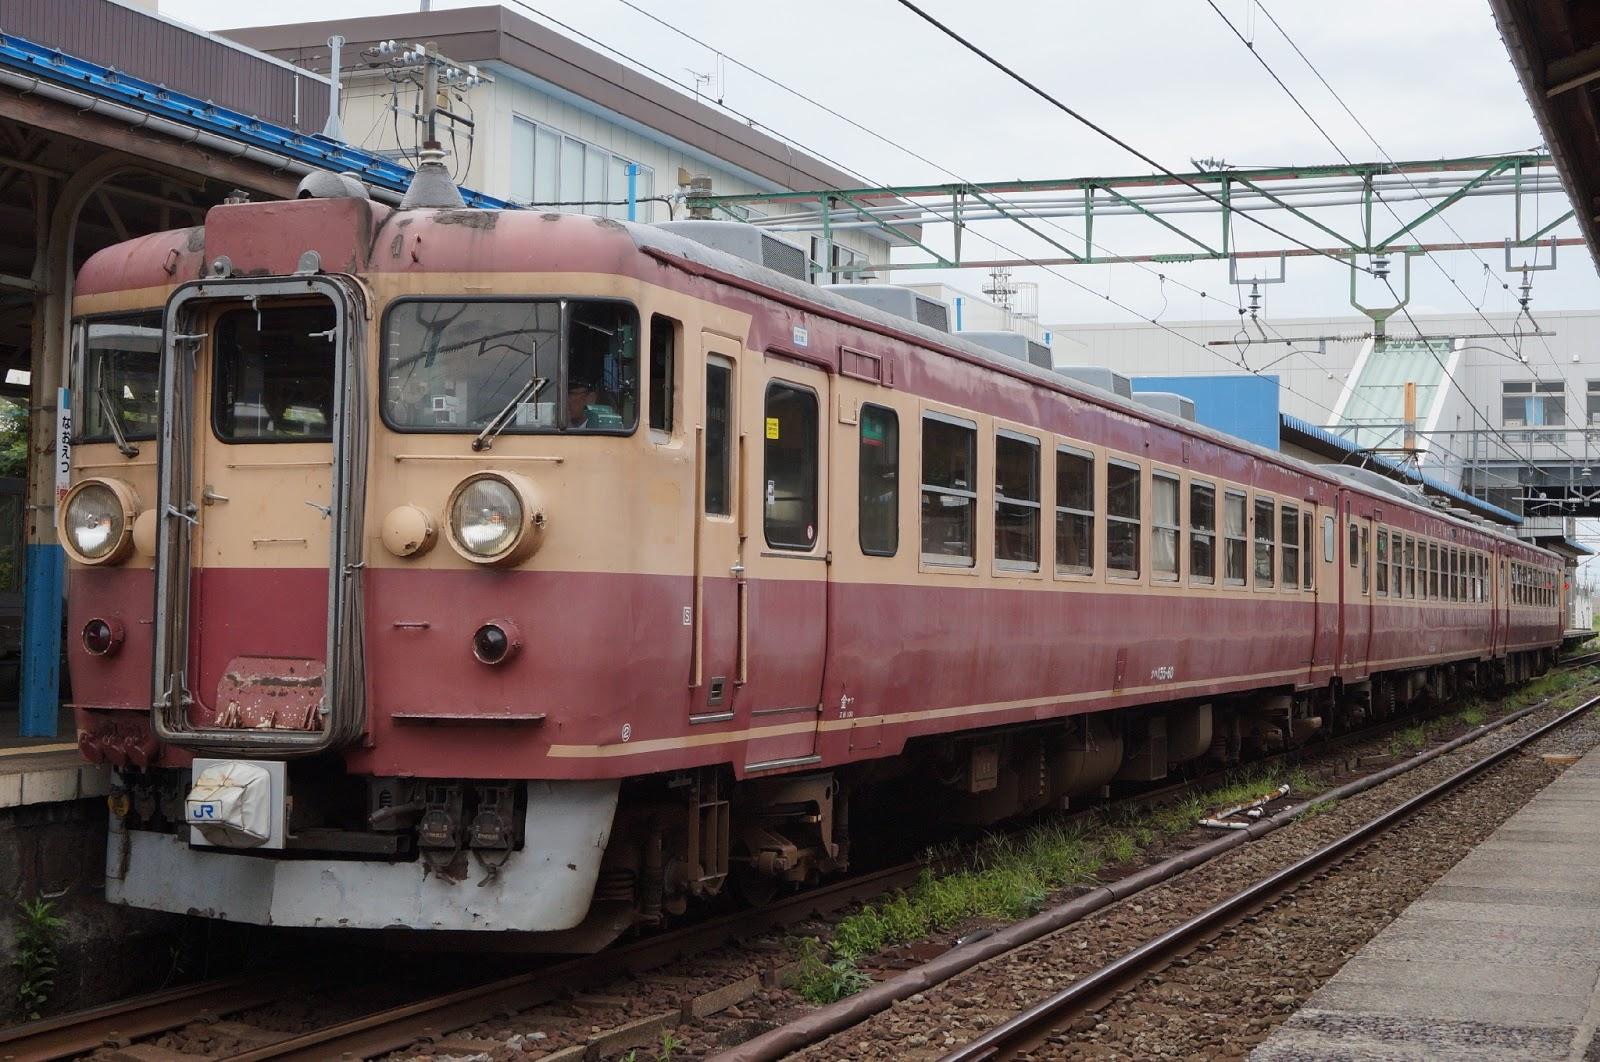 直江津駅停車中のJR西日本475系国鉄色